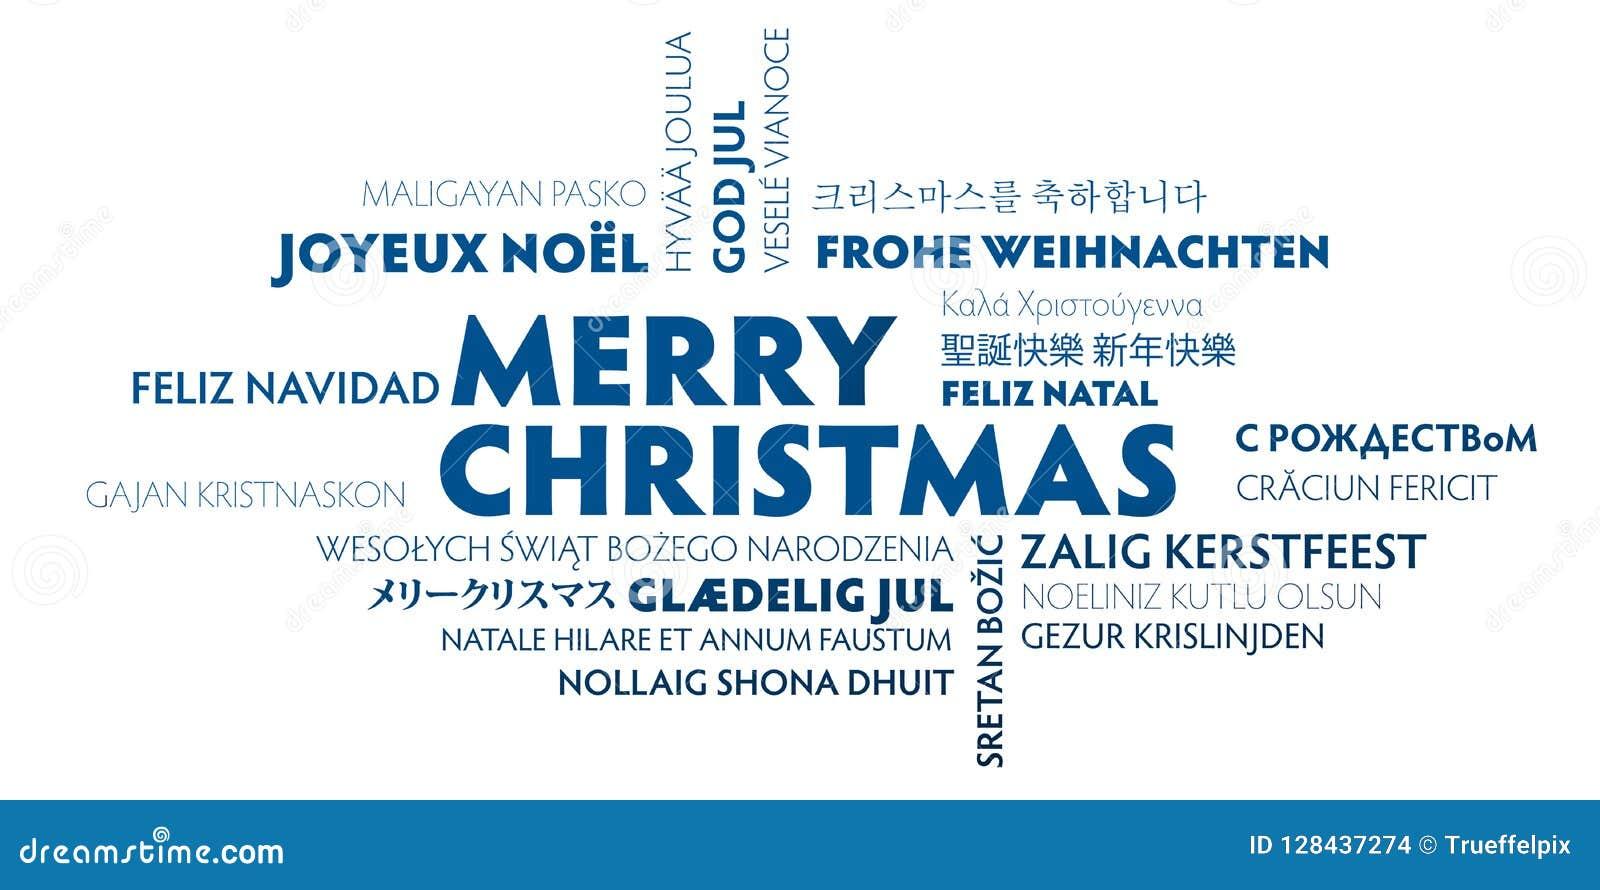 Ευχετήρια κάρτα Χαρούμενα Χριστούγεννας - μπλε και λευκό